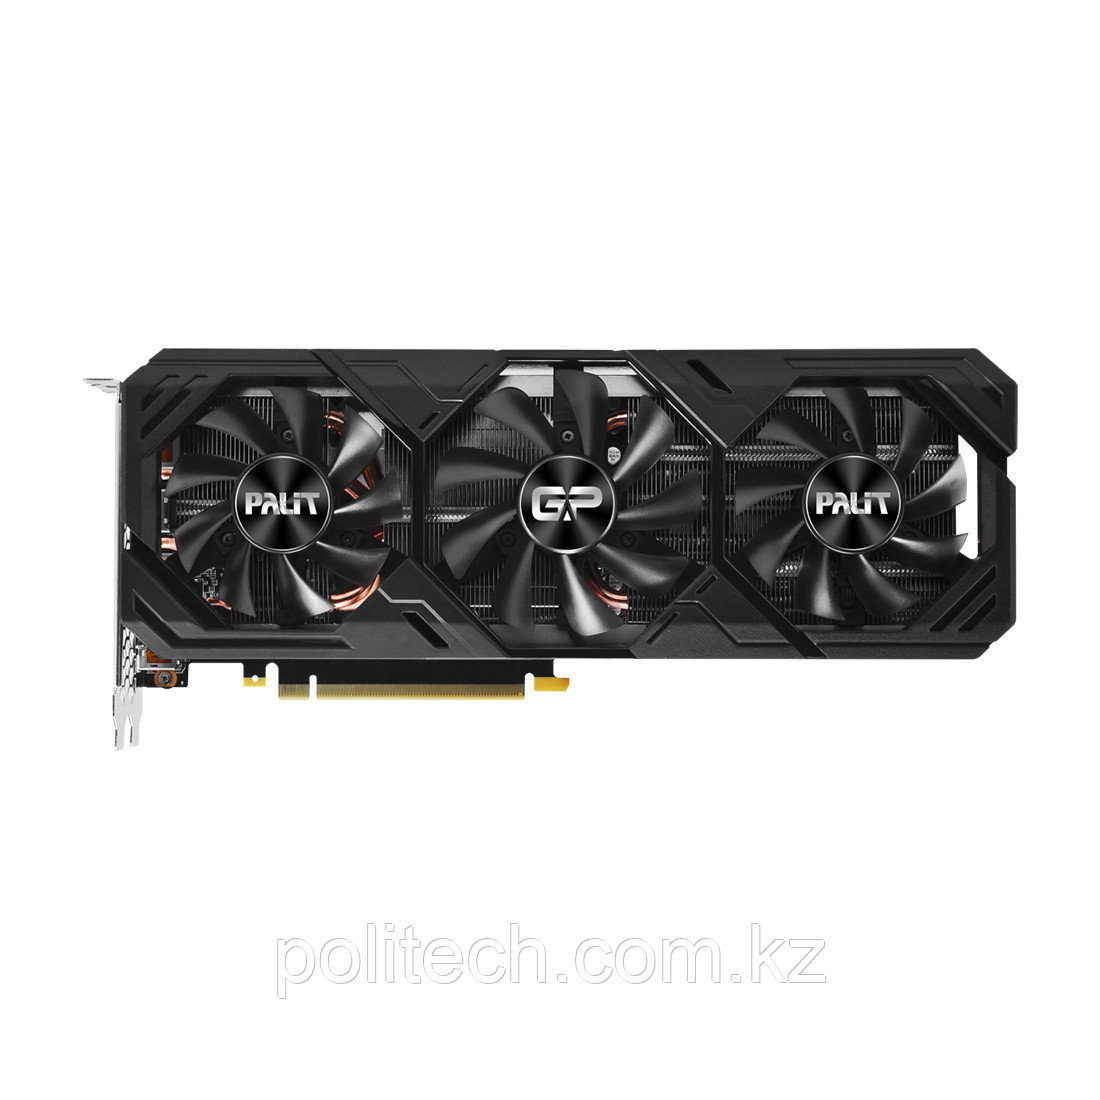 Видеокарта PALIT RTX2070 SUPER GP 8G (NE6207S019P2-186T)